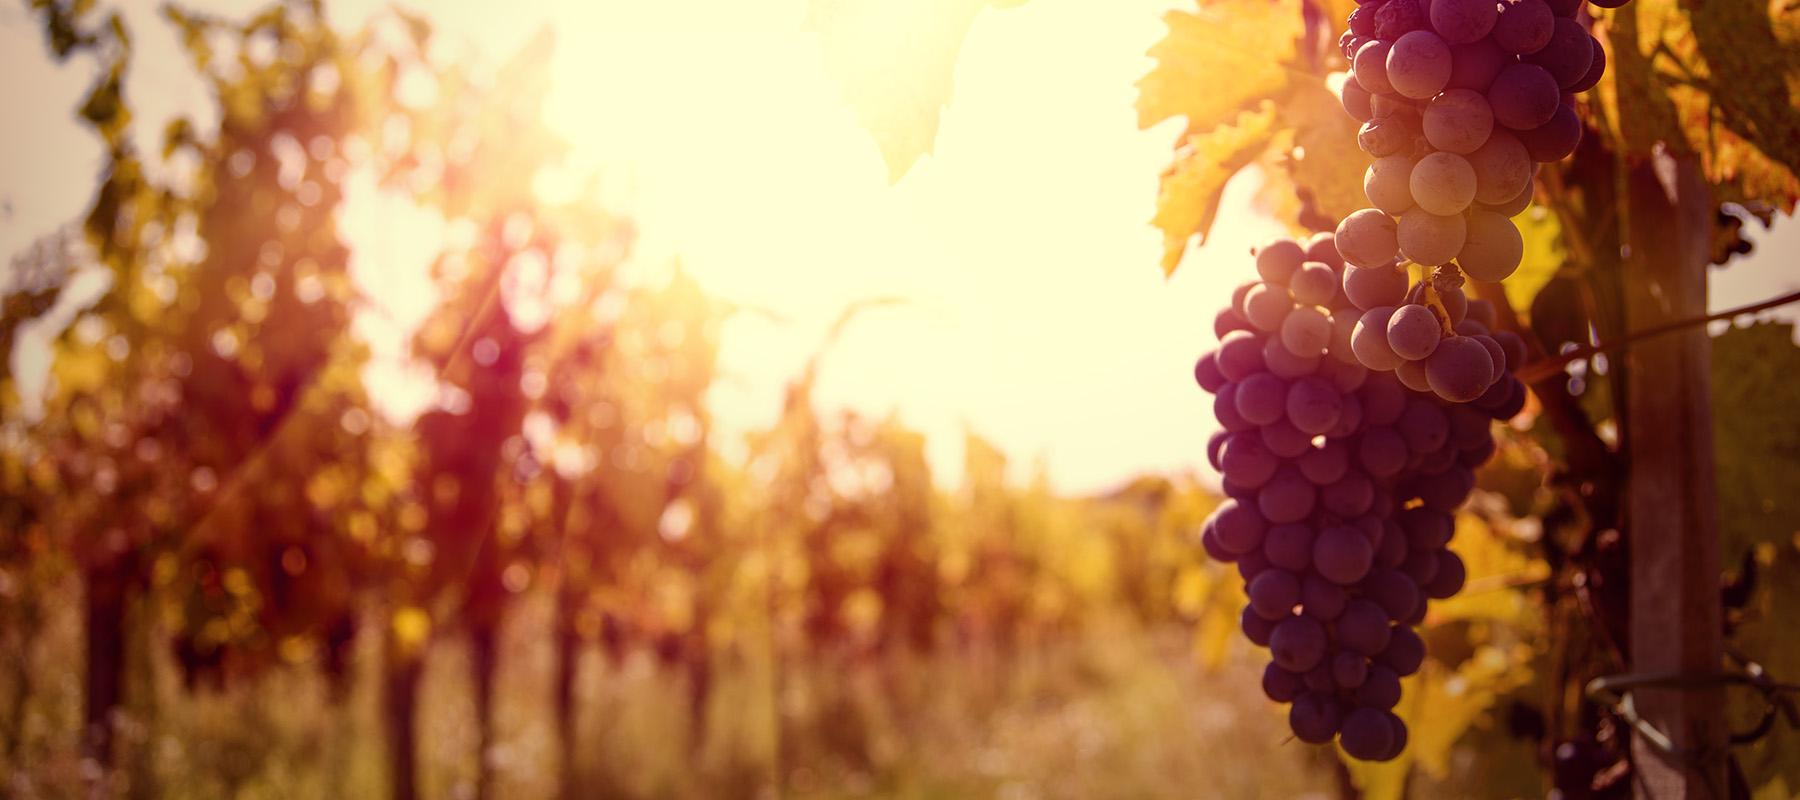 Wijn van de maand oktober 2020: Paul Mas 'Vignes de Nicole'